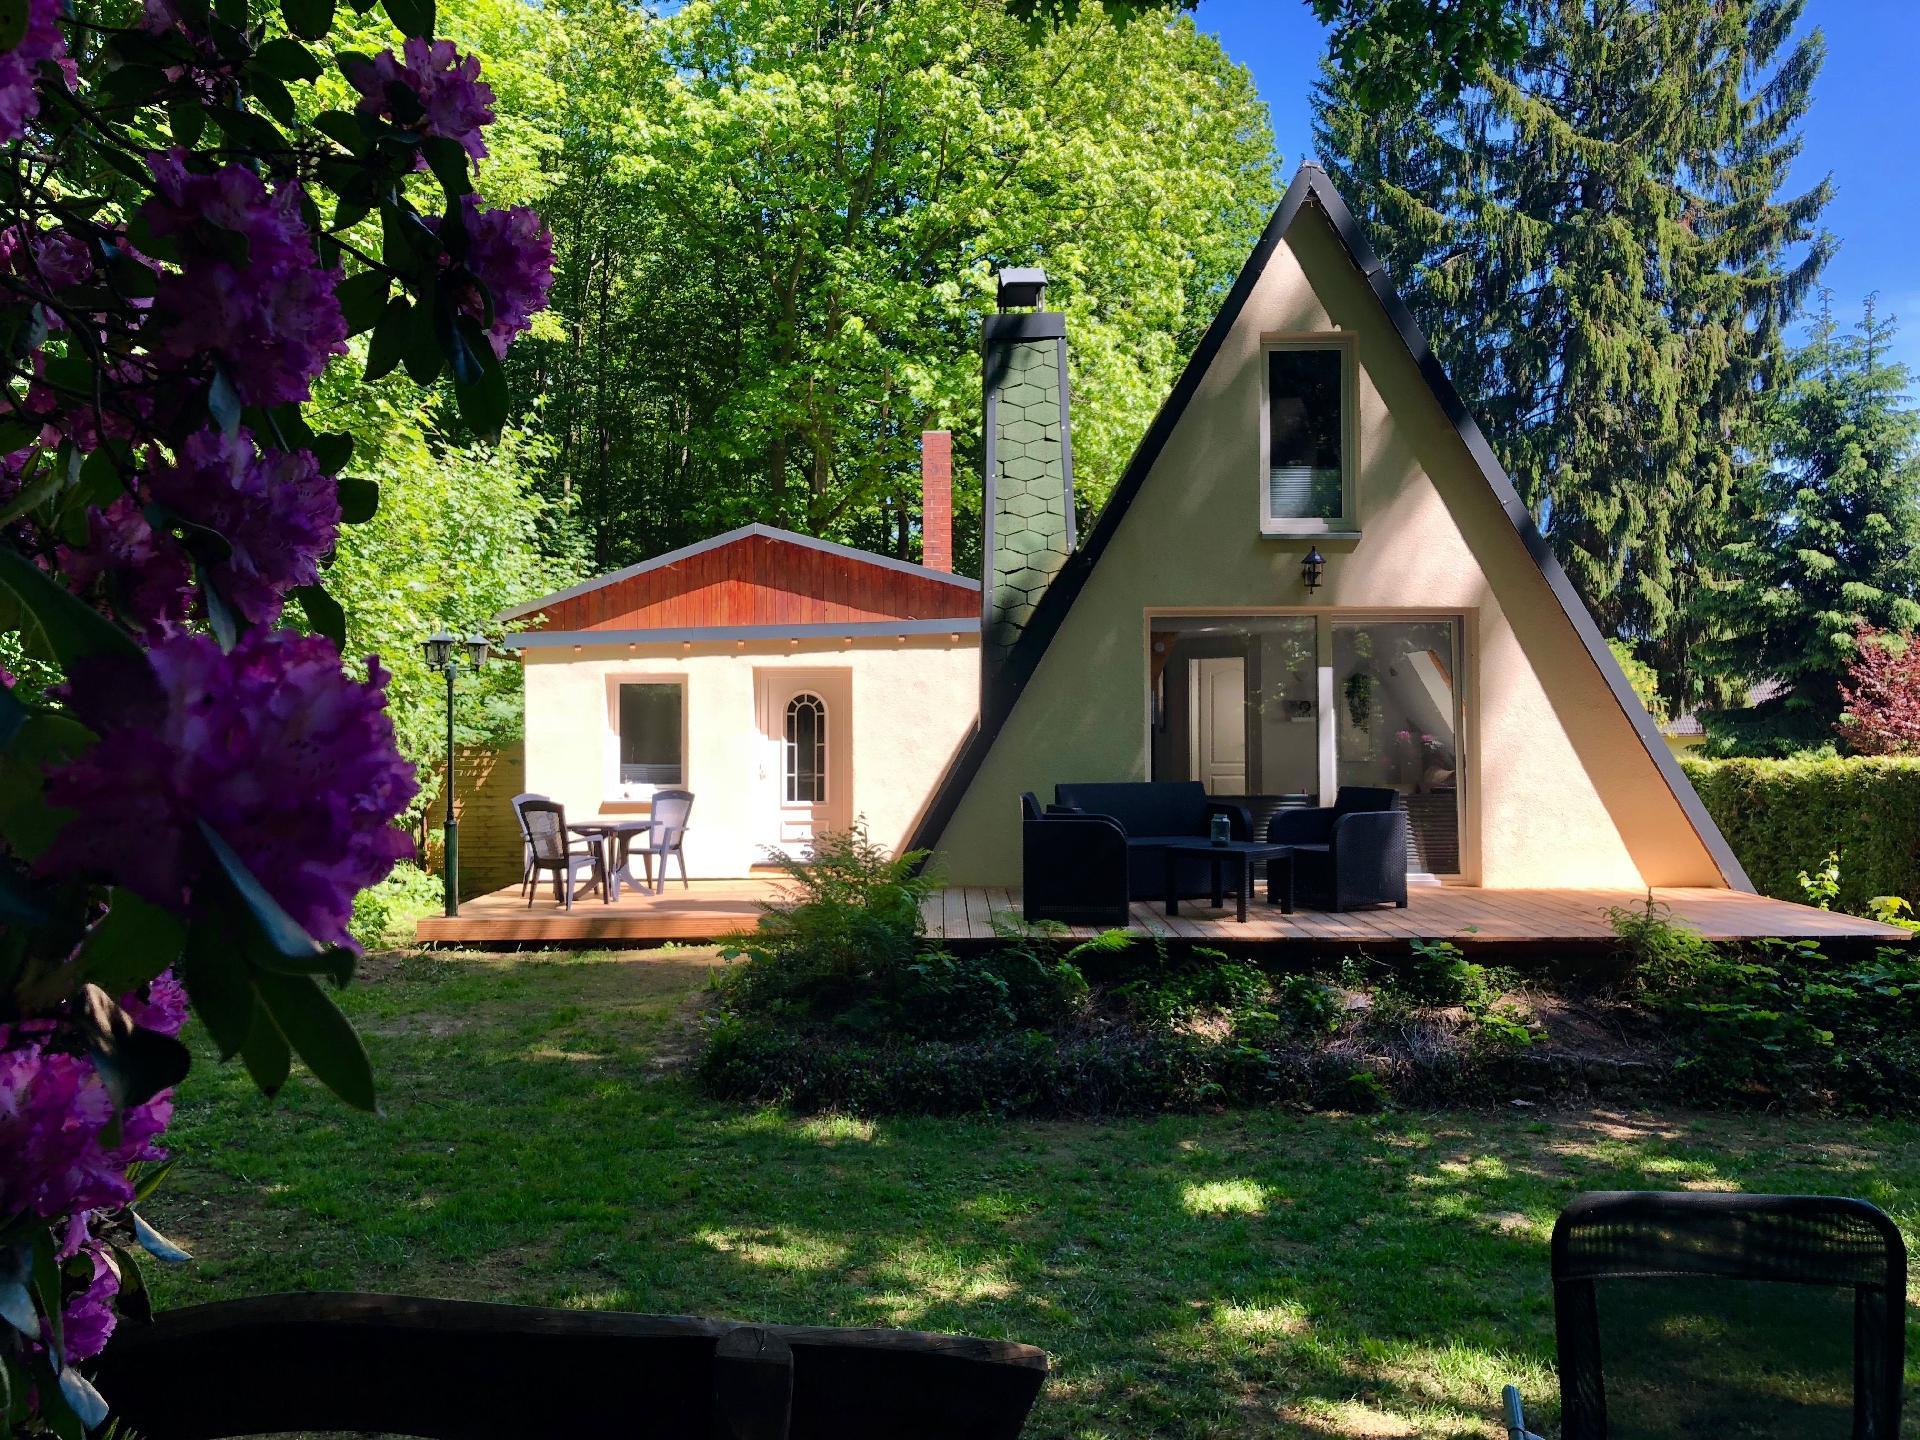 Ferienhaus für 2 Personen  + 2 Kinder ca. 65   in Chemnitz